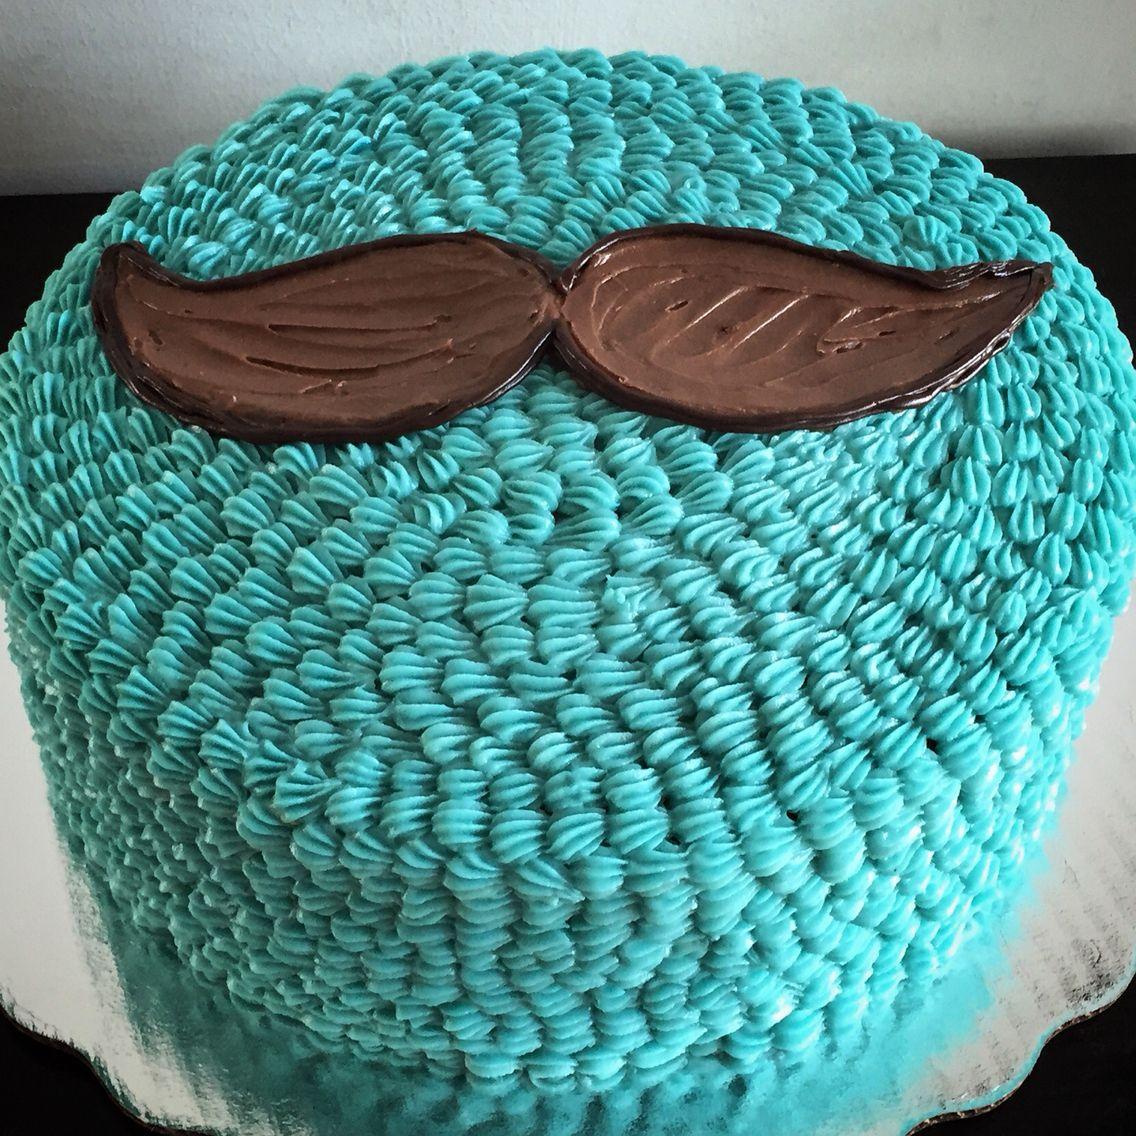 села гагарино торт для мужчины кремовый фото этому рецепт блинчики